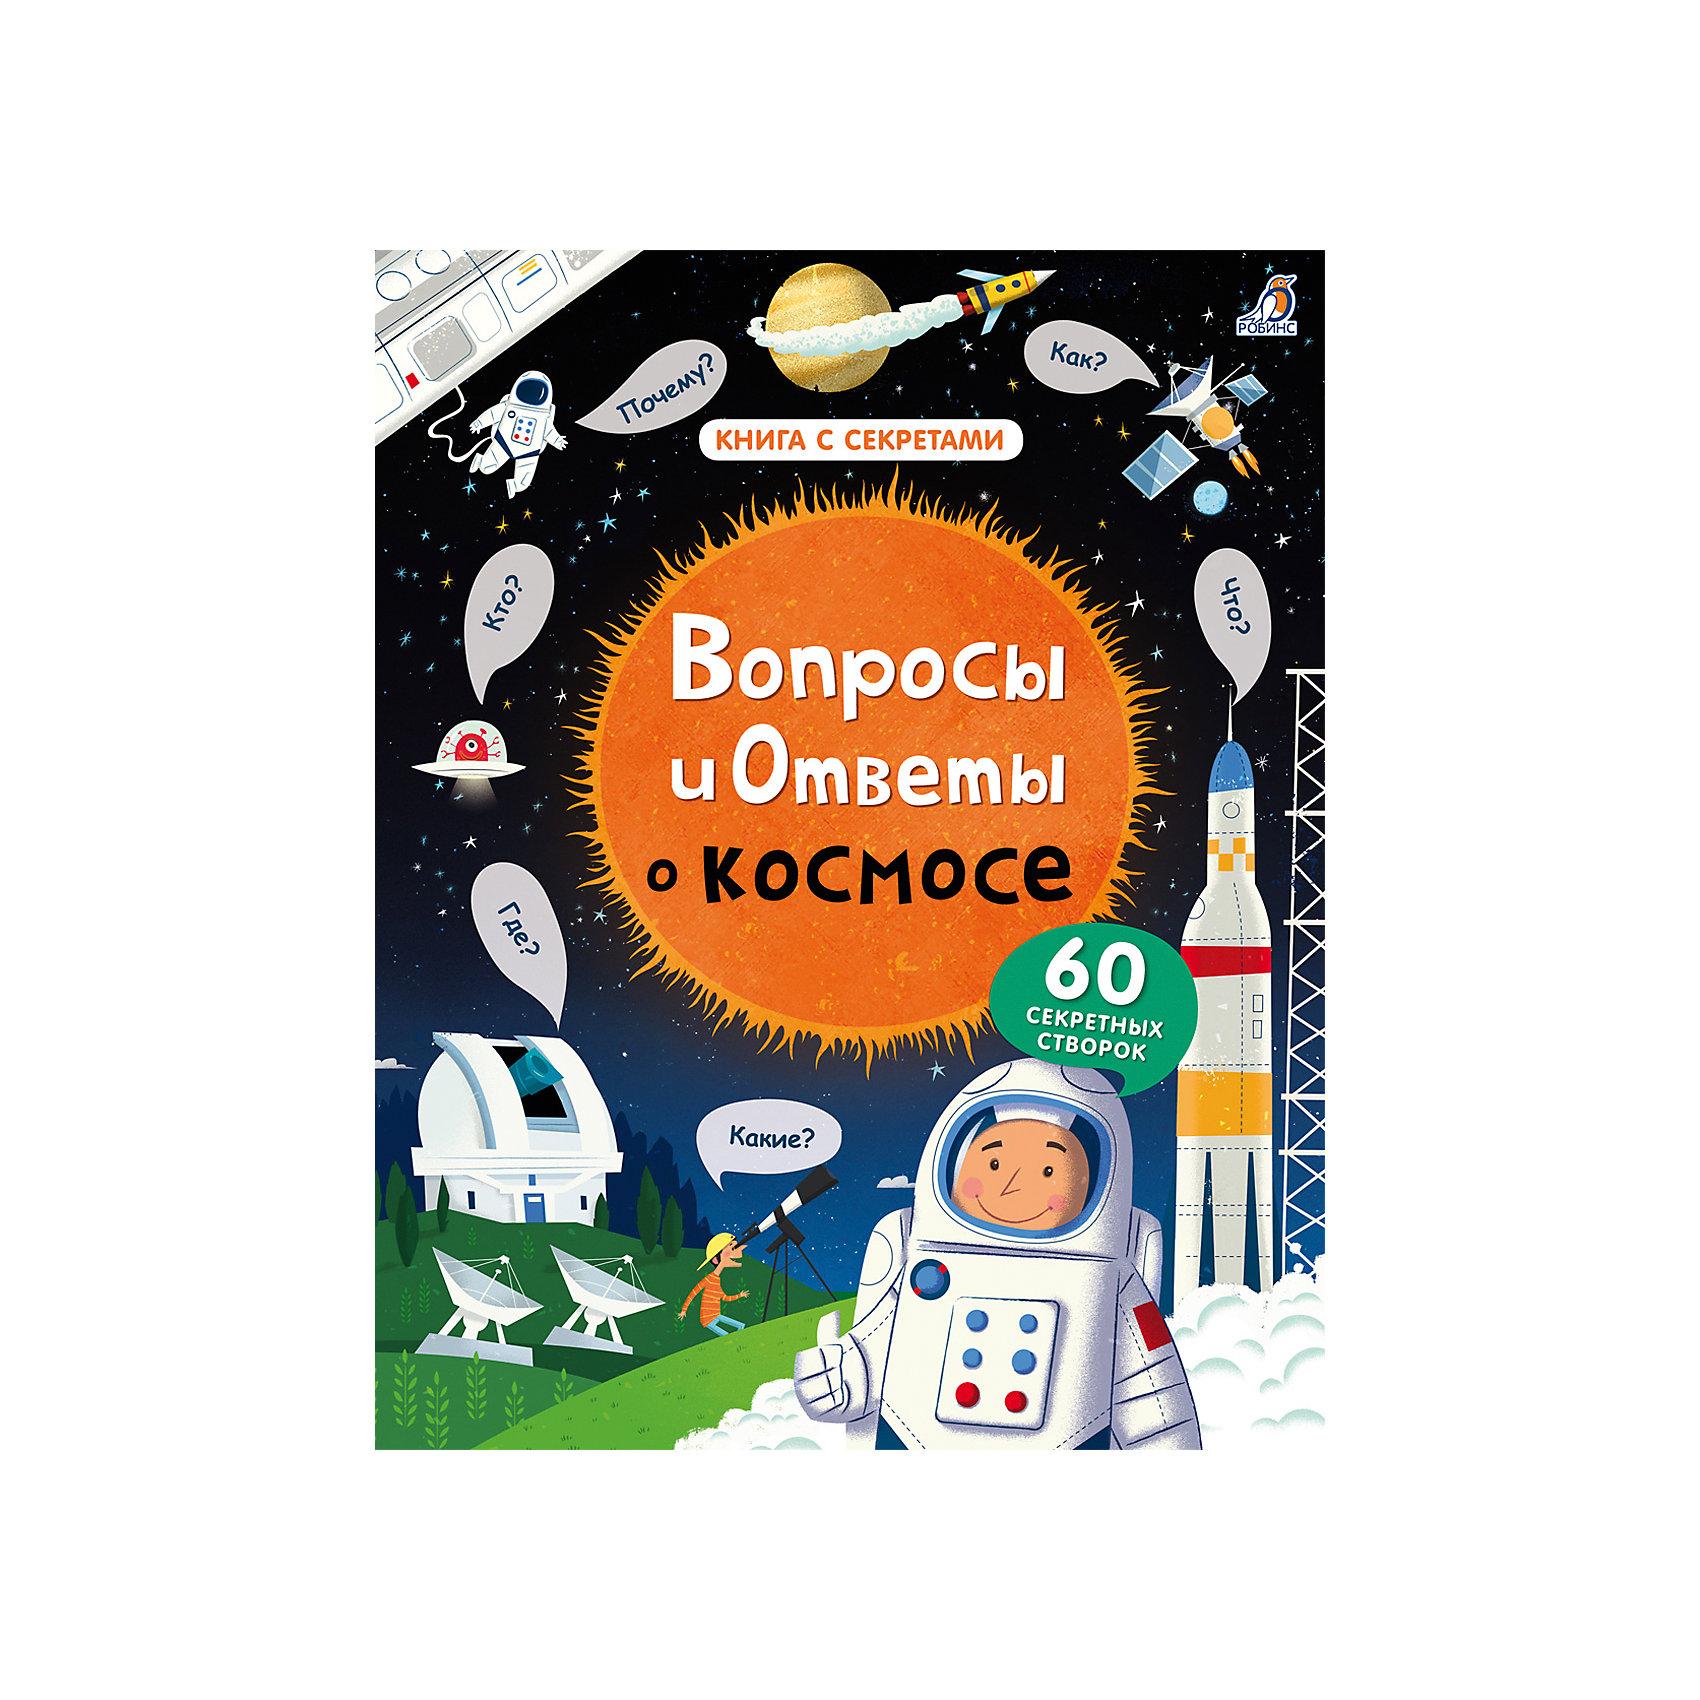 Вопросы и ответы о космосеЭнциклопедии про космос<br>Книга Вопросы и ответы о космосе.<br><br>Характеристика:<br><br>• Формат: 22 х 28 см. <br>• Переплет: картон.<br>• Количество страниц: 13.<br>• Иллюстрации: цветные.<br>• Более 60 секретных створок.<br>• Оригинальные красочные иллюстрации.<br>• Развивает мышление, моторику рук, память, расширяет кругозор. <br><br>Эта замечательна книга расскажет детям о времени о космосе, ответит на все каверзные вопросы и надолго увлечет маленьких почемучек. Яркие красочные иллюстрации, картонные окошки с сюрпризами, захватывающие факты приведут в восторг любого ребенка. Книга Вопросы и ответы о космосе не только порадует и развлечет детей, но и поможет развить мышление, моторику рук, память, расширит кругозор, и конечно, подарит море положительных эмоций! Плотные картонные страницы и оптимальный формат идеально подойдут даже для юных читателей. <br><br>Книгу Вопросы и ответы о космосе можно купить в нашем интернет-магазине.<br><br>Ширина мм: 280<br>Глубина мм: 225<br>Высота мм: 260<br>Вес г: 619<br>Возраст от месяцев: 60<br>Возраст до месяцев: 2147483647<br>Пол: Унисекс<br>Возраст: Детский<br>SKU: 5507268